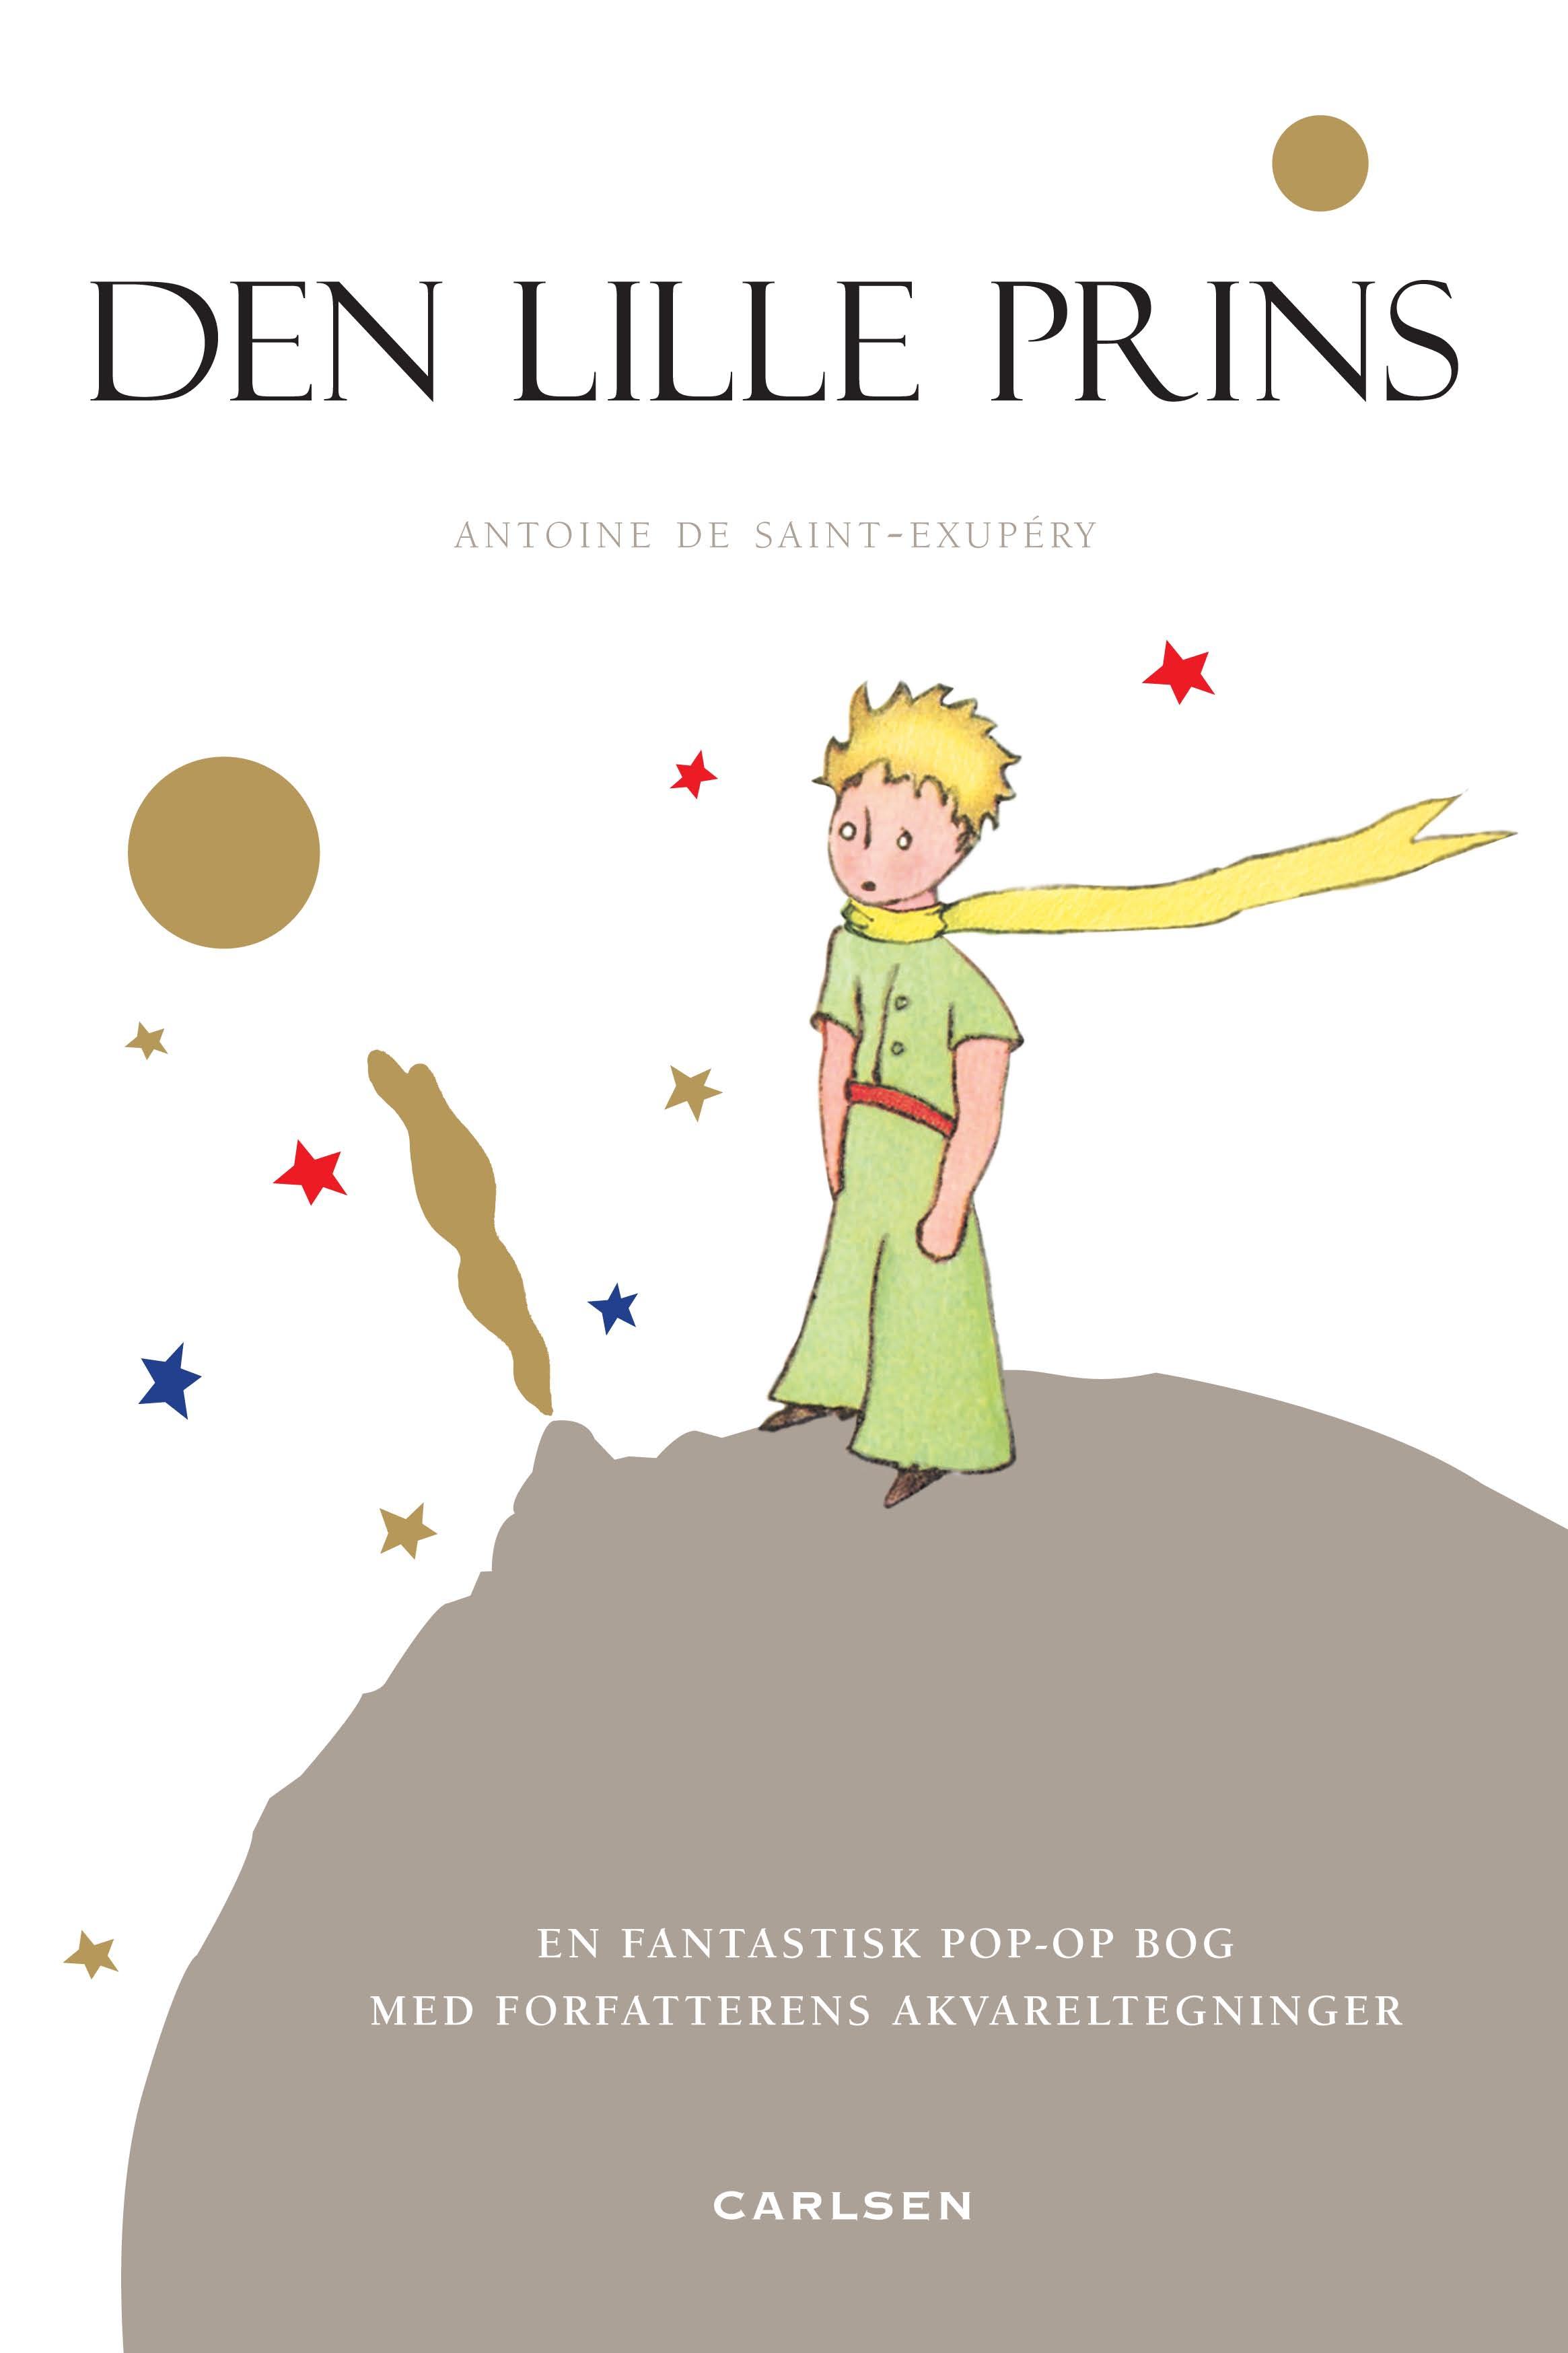 Den lille prins, Antoine de Saint-Exupery, børnebog, børnebøger, børnebogsklassiker, klassiske børnebøger